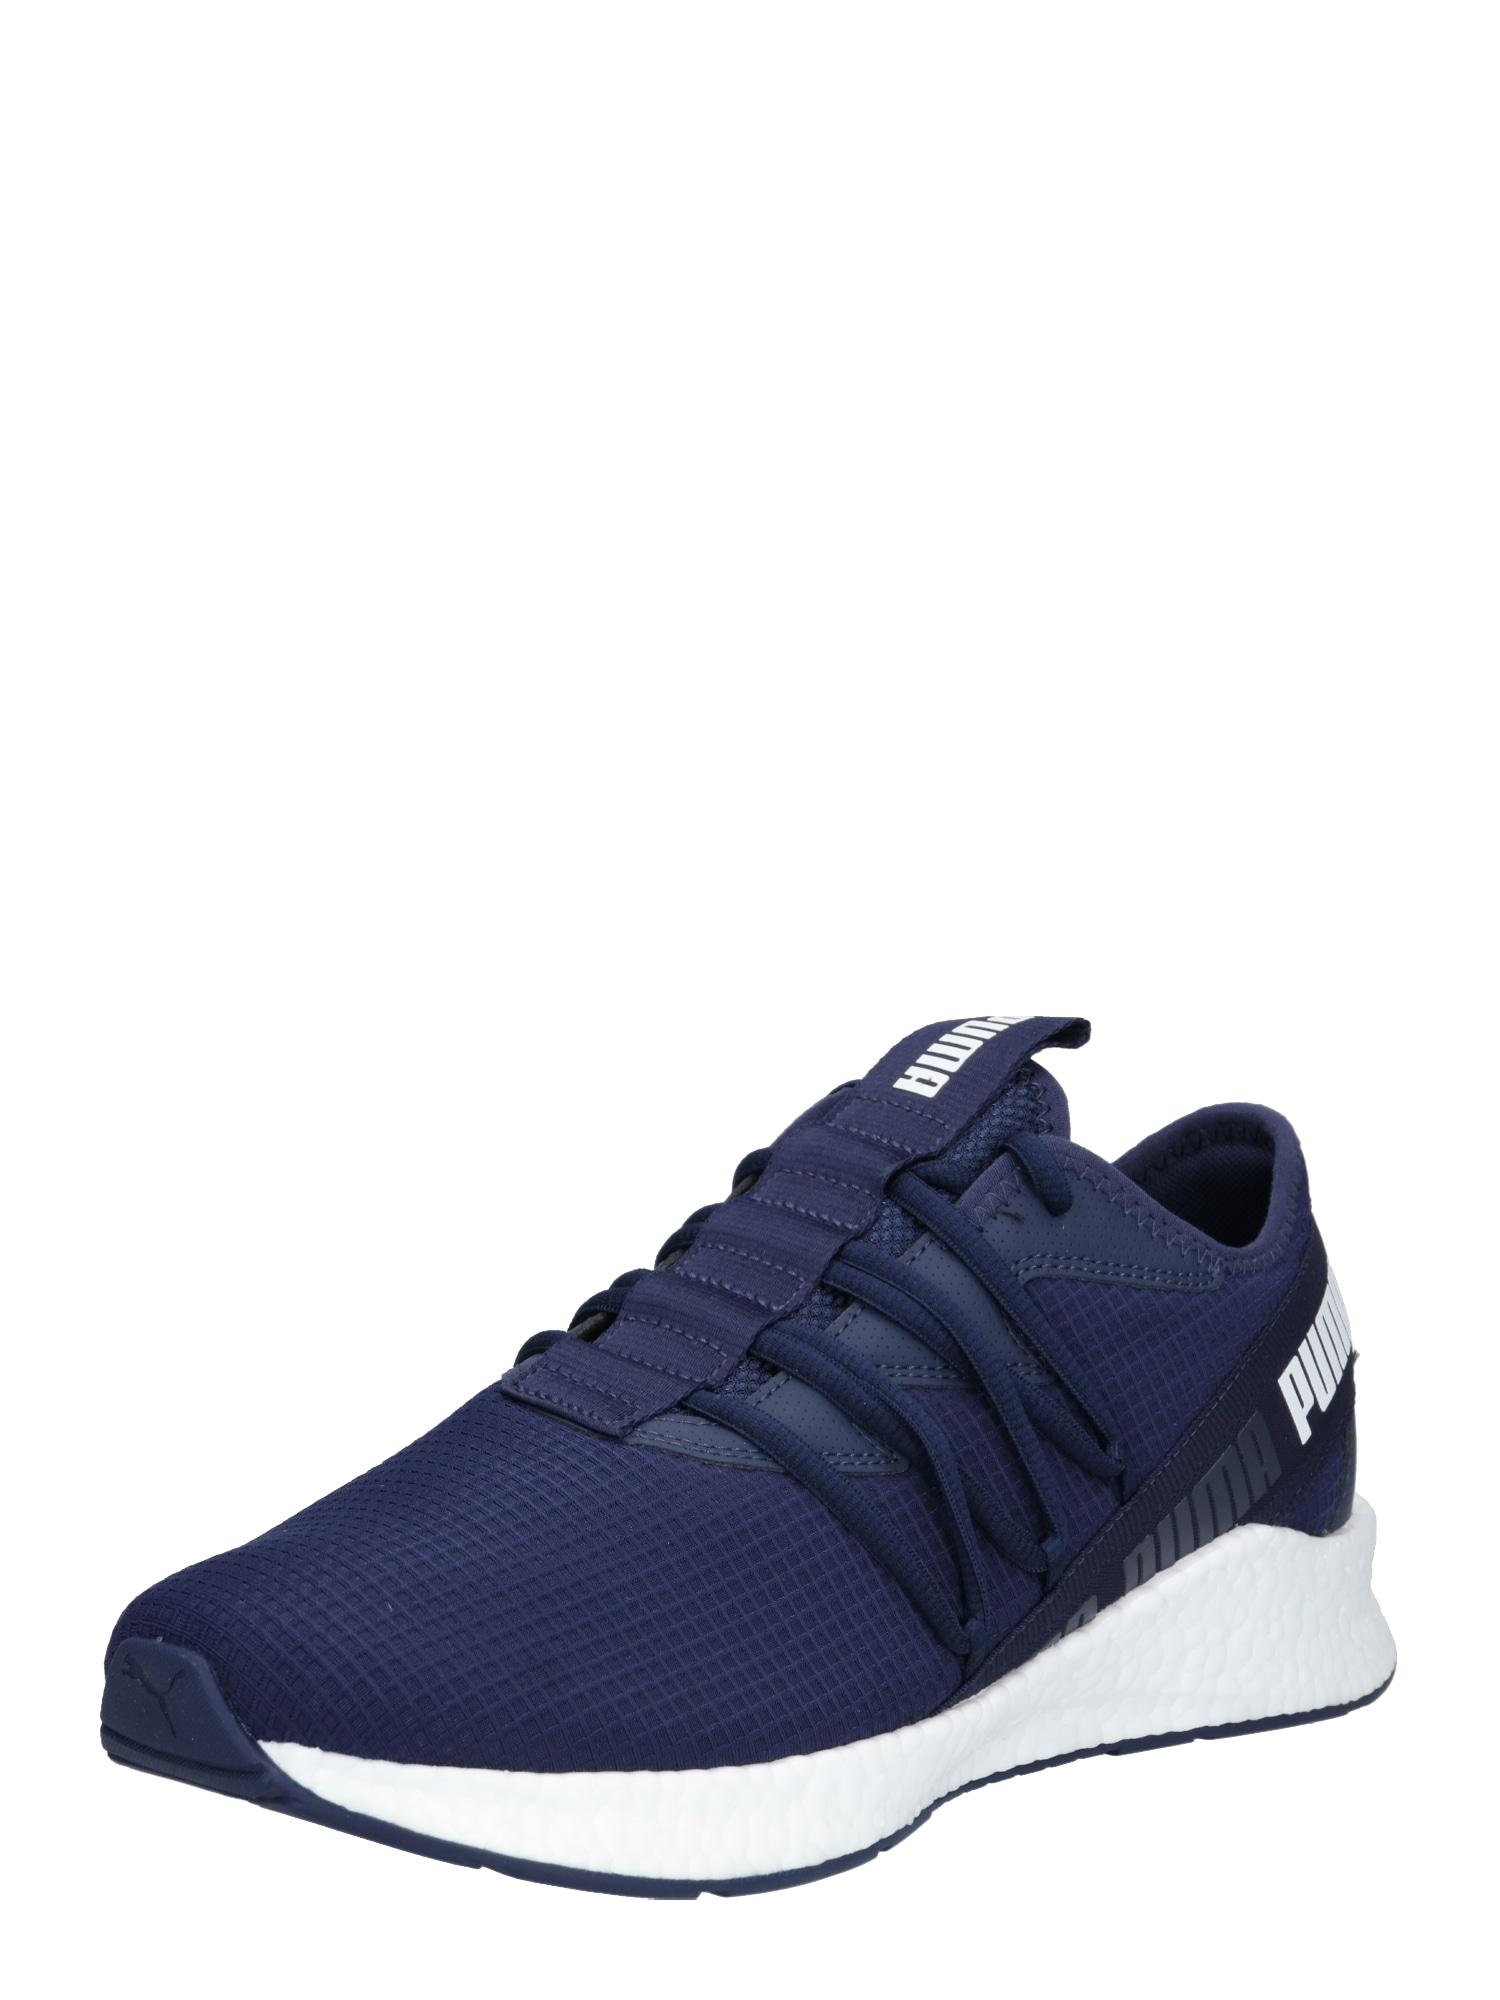 PUMA Sportovní boty 'NRGY Star'  bílá / námořnická modř